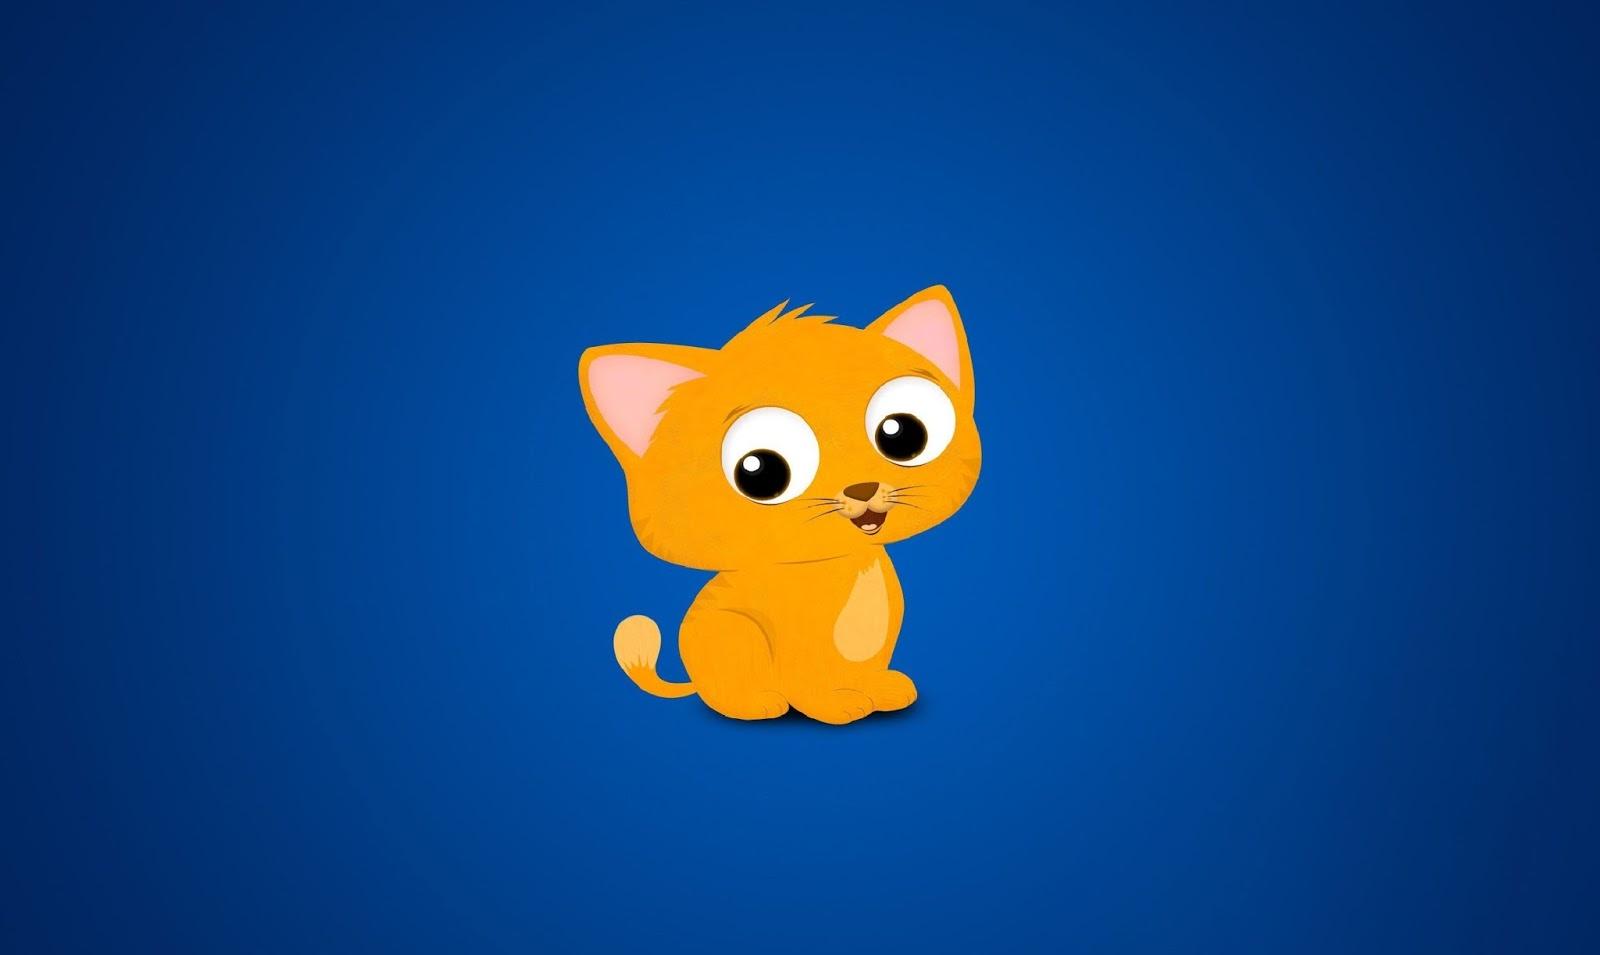 Gambar Kucing Imut Kartun godean.web.id